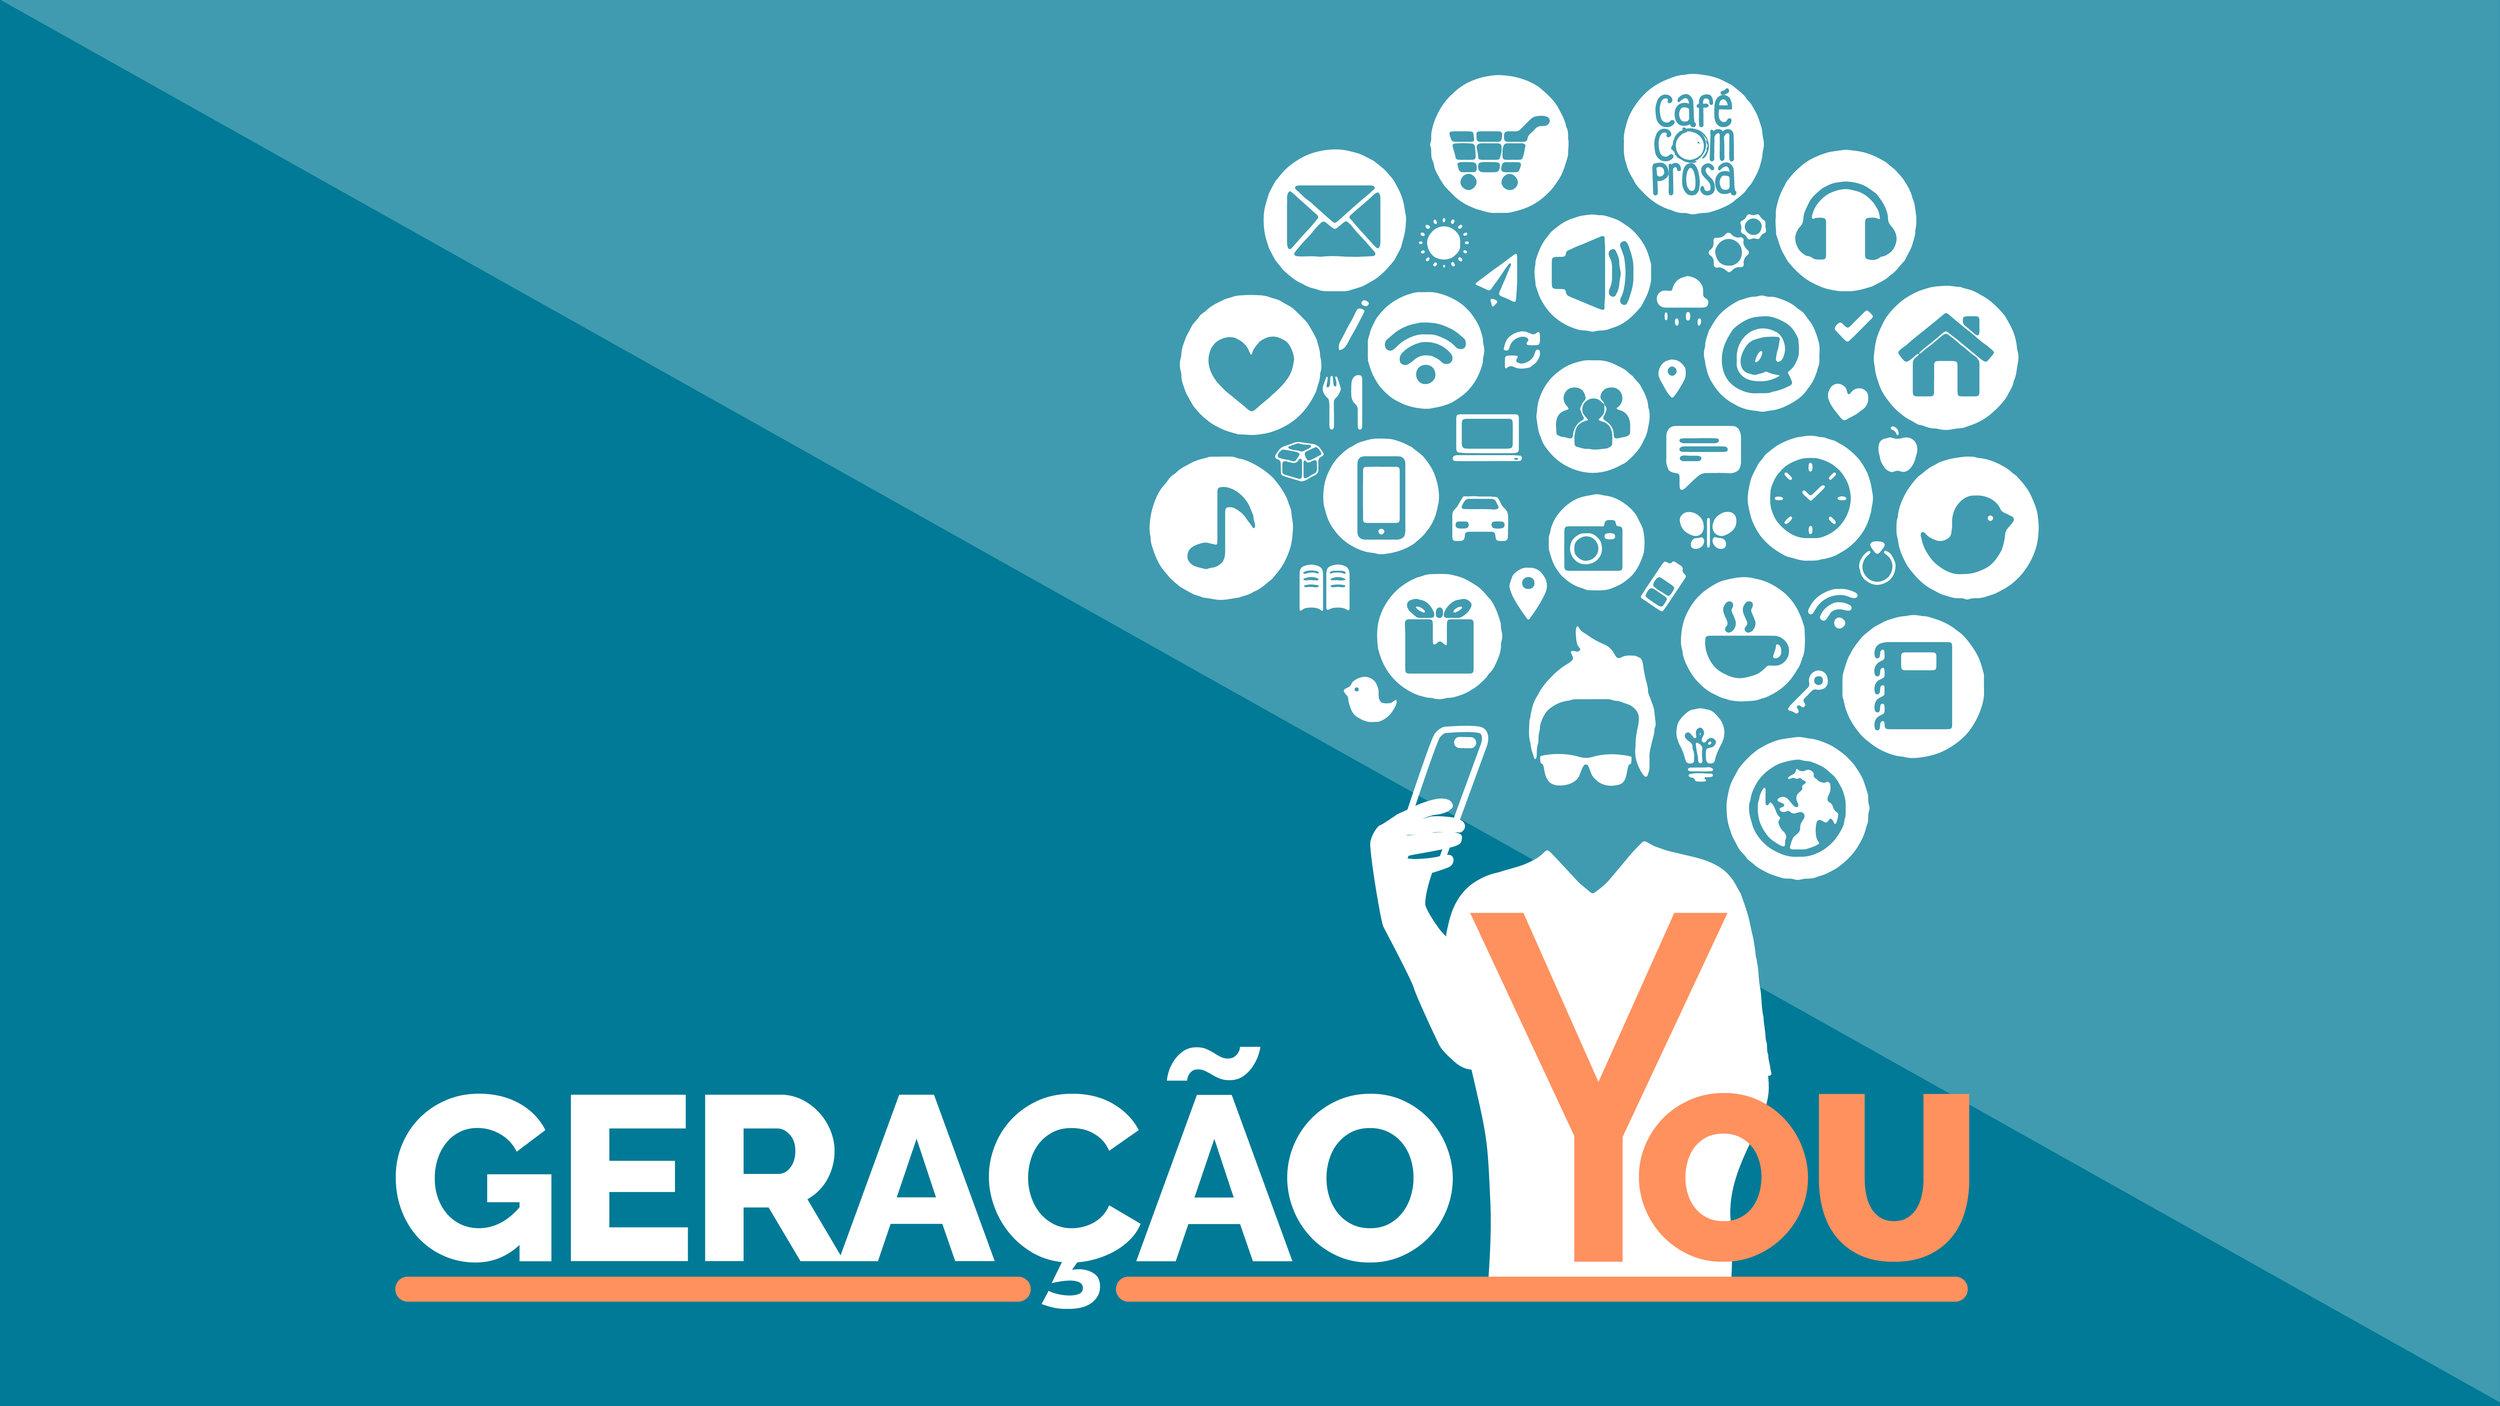 Imagem Geração You.jpg